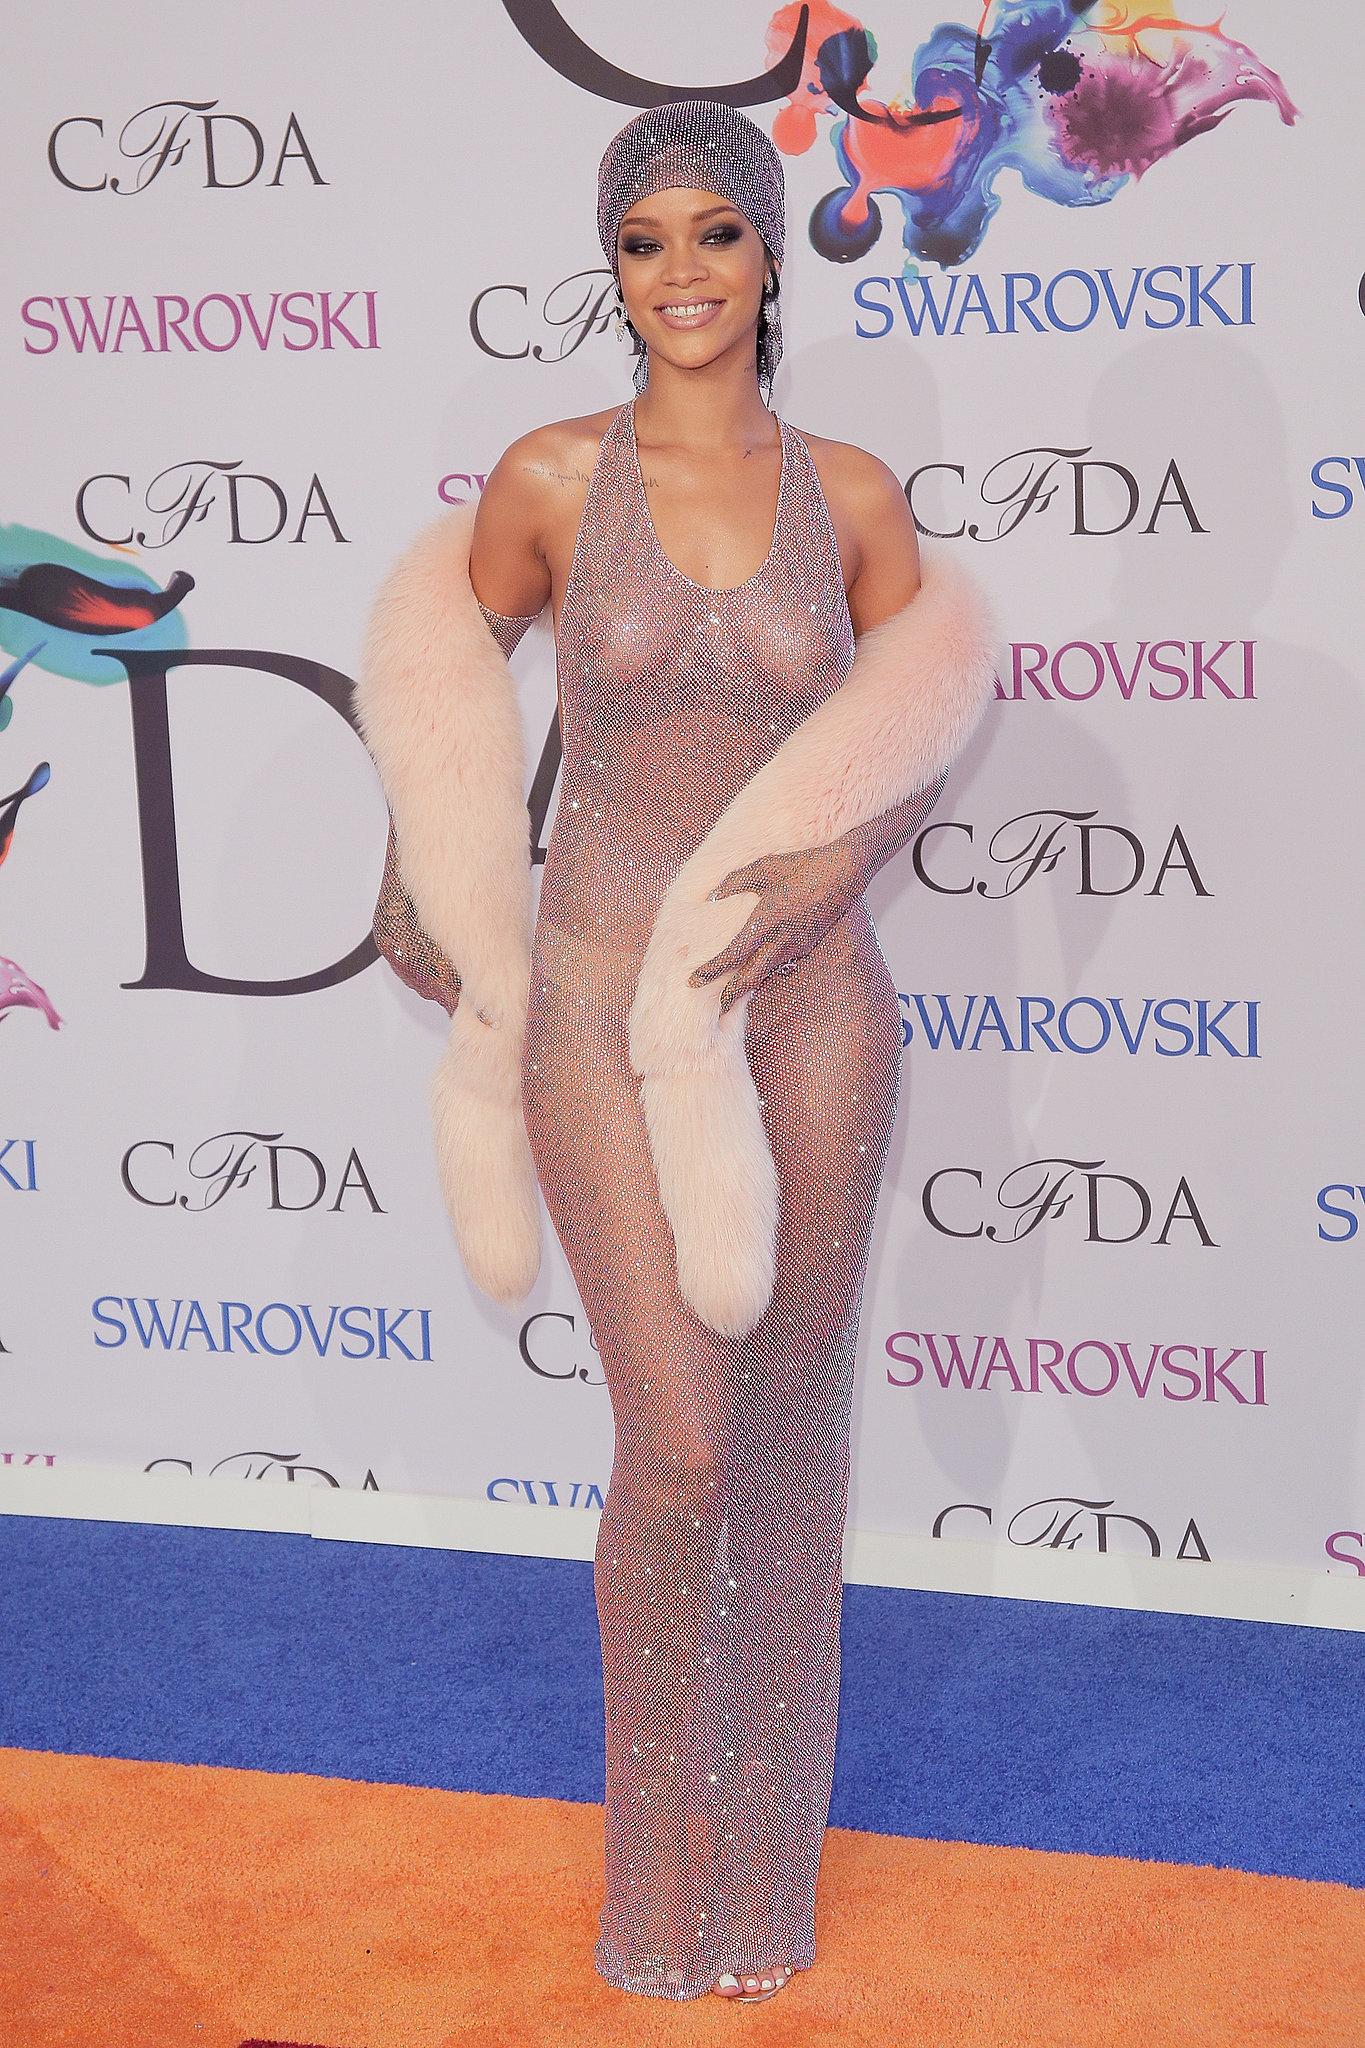 Rihanna at the 2014 CFDA Awards